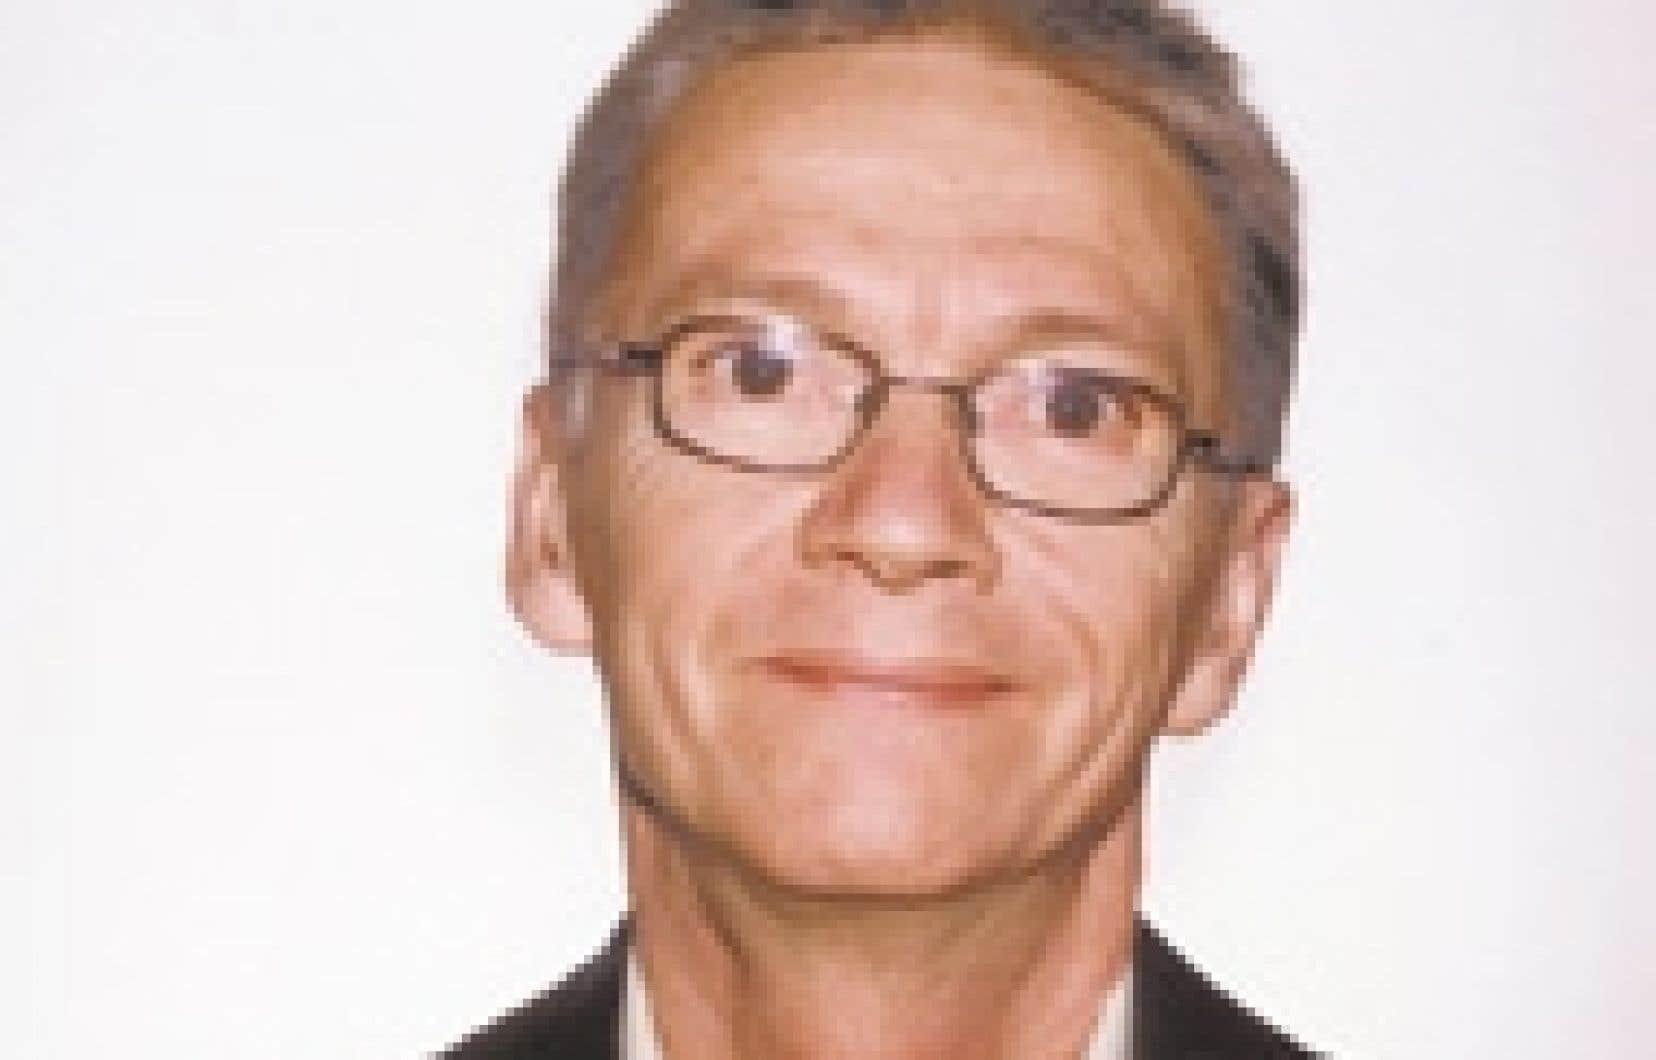 Pierre Després, professeur de philosophie au Collège Montmorency et président du Comité des enseignantes et enseignants de philosophie. Source Collège Montmorency.